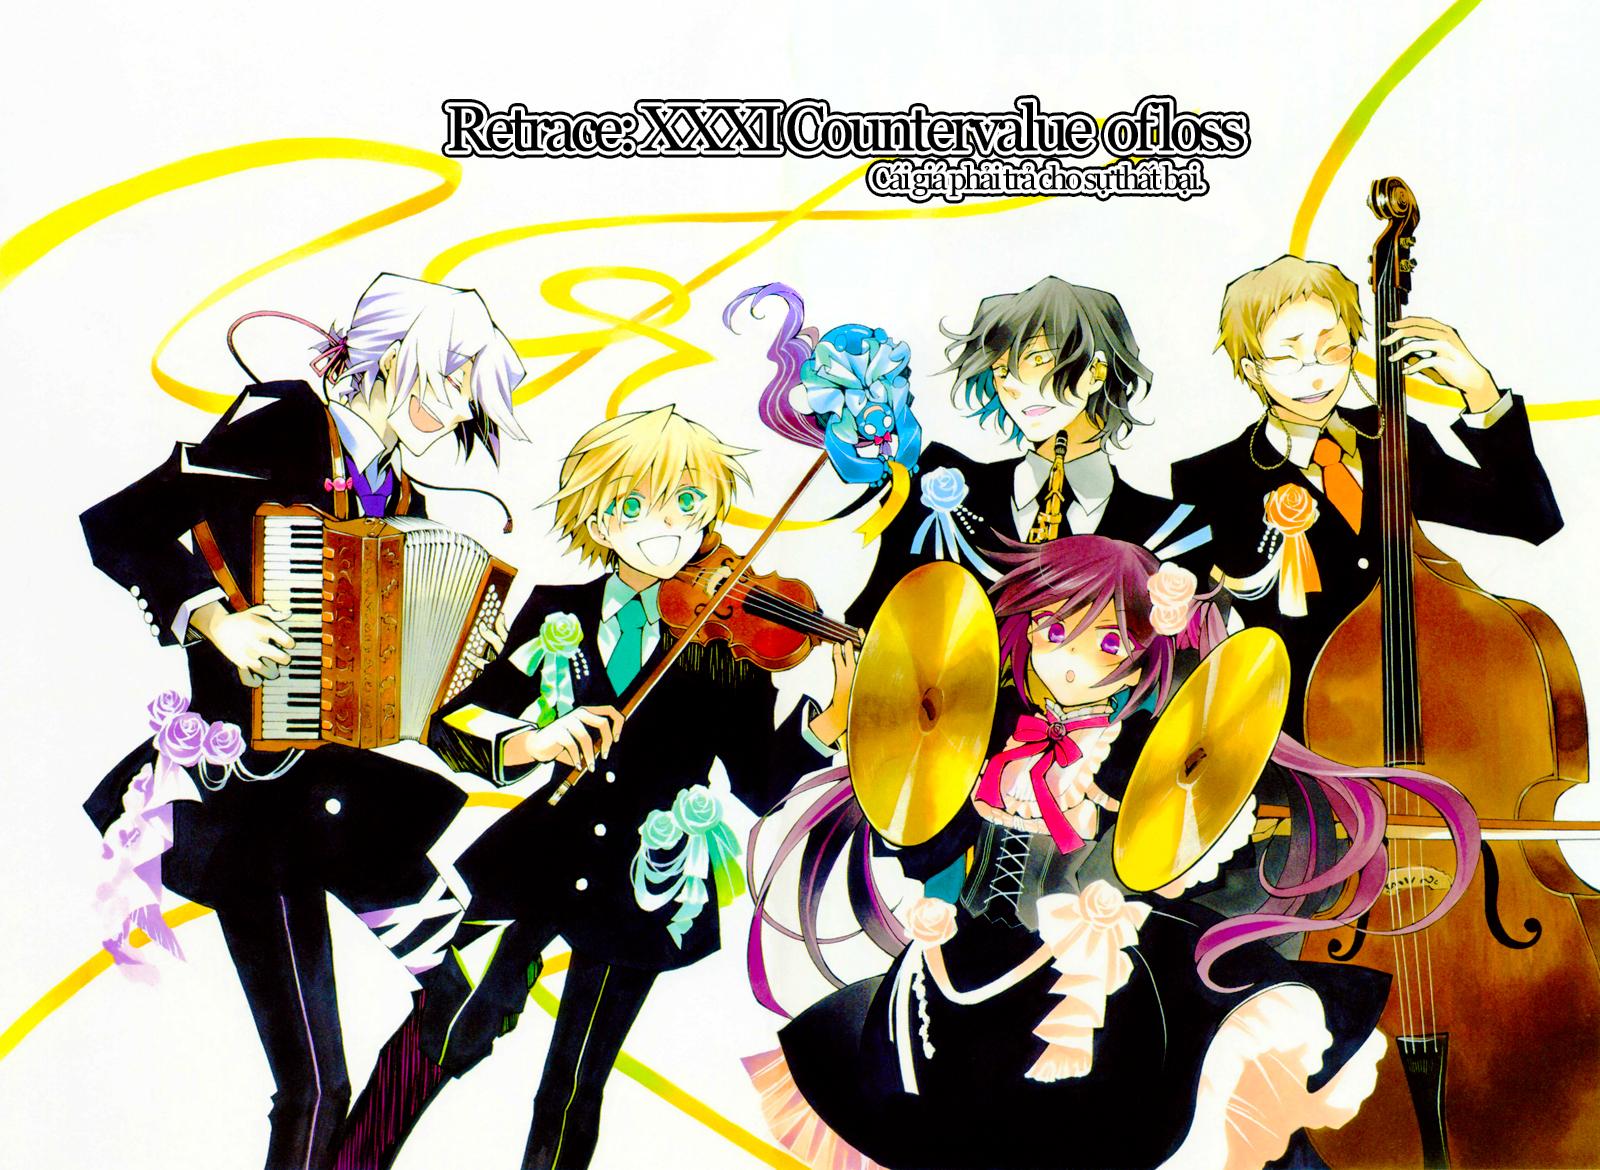 Pandora Hearts chương 031 - retrace: xxxi countervalue of loss trang 2